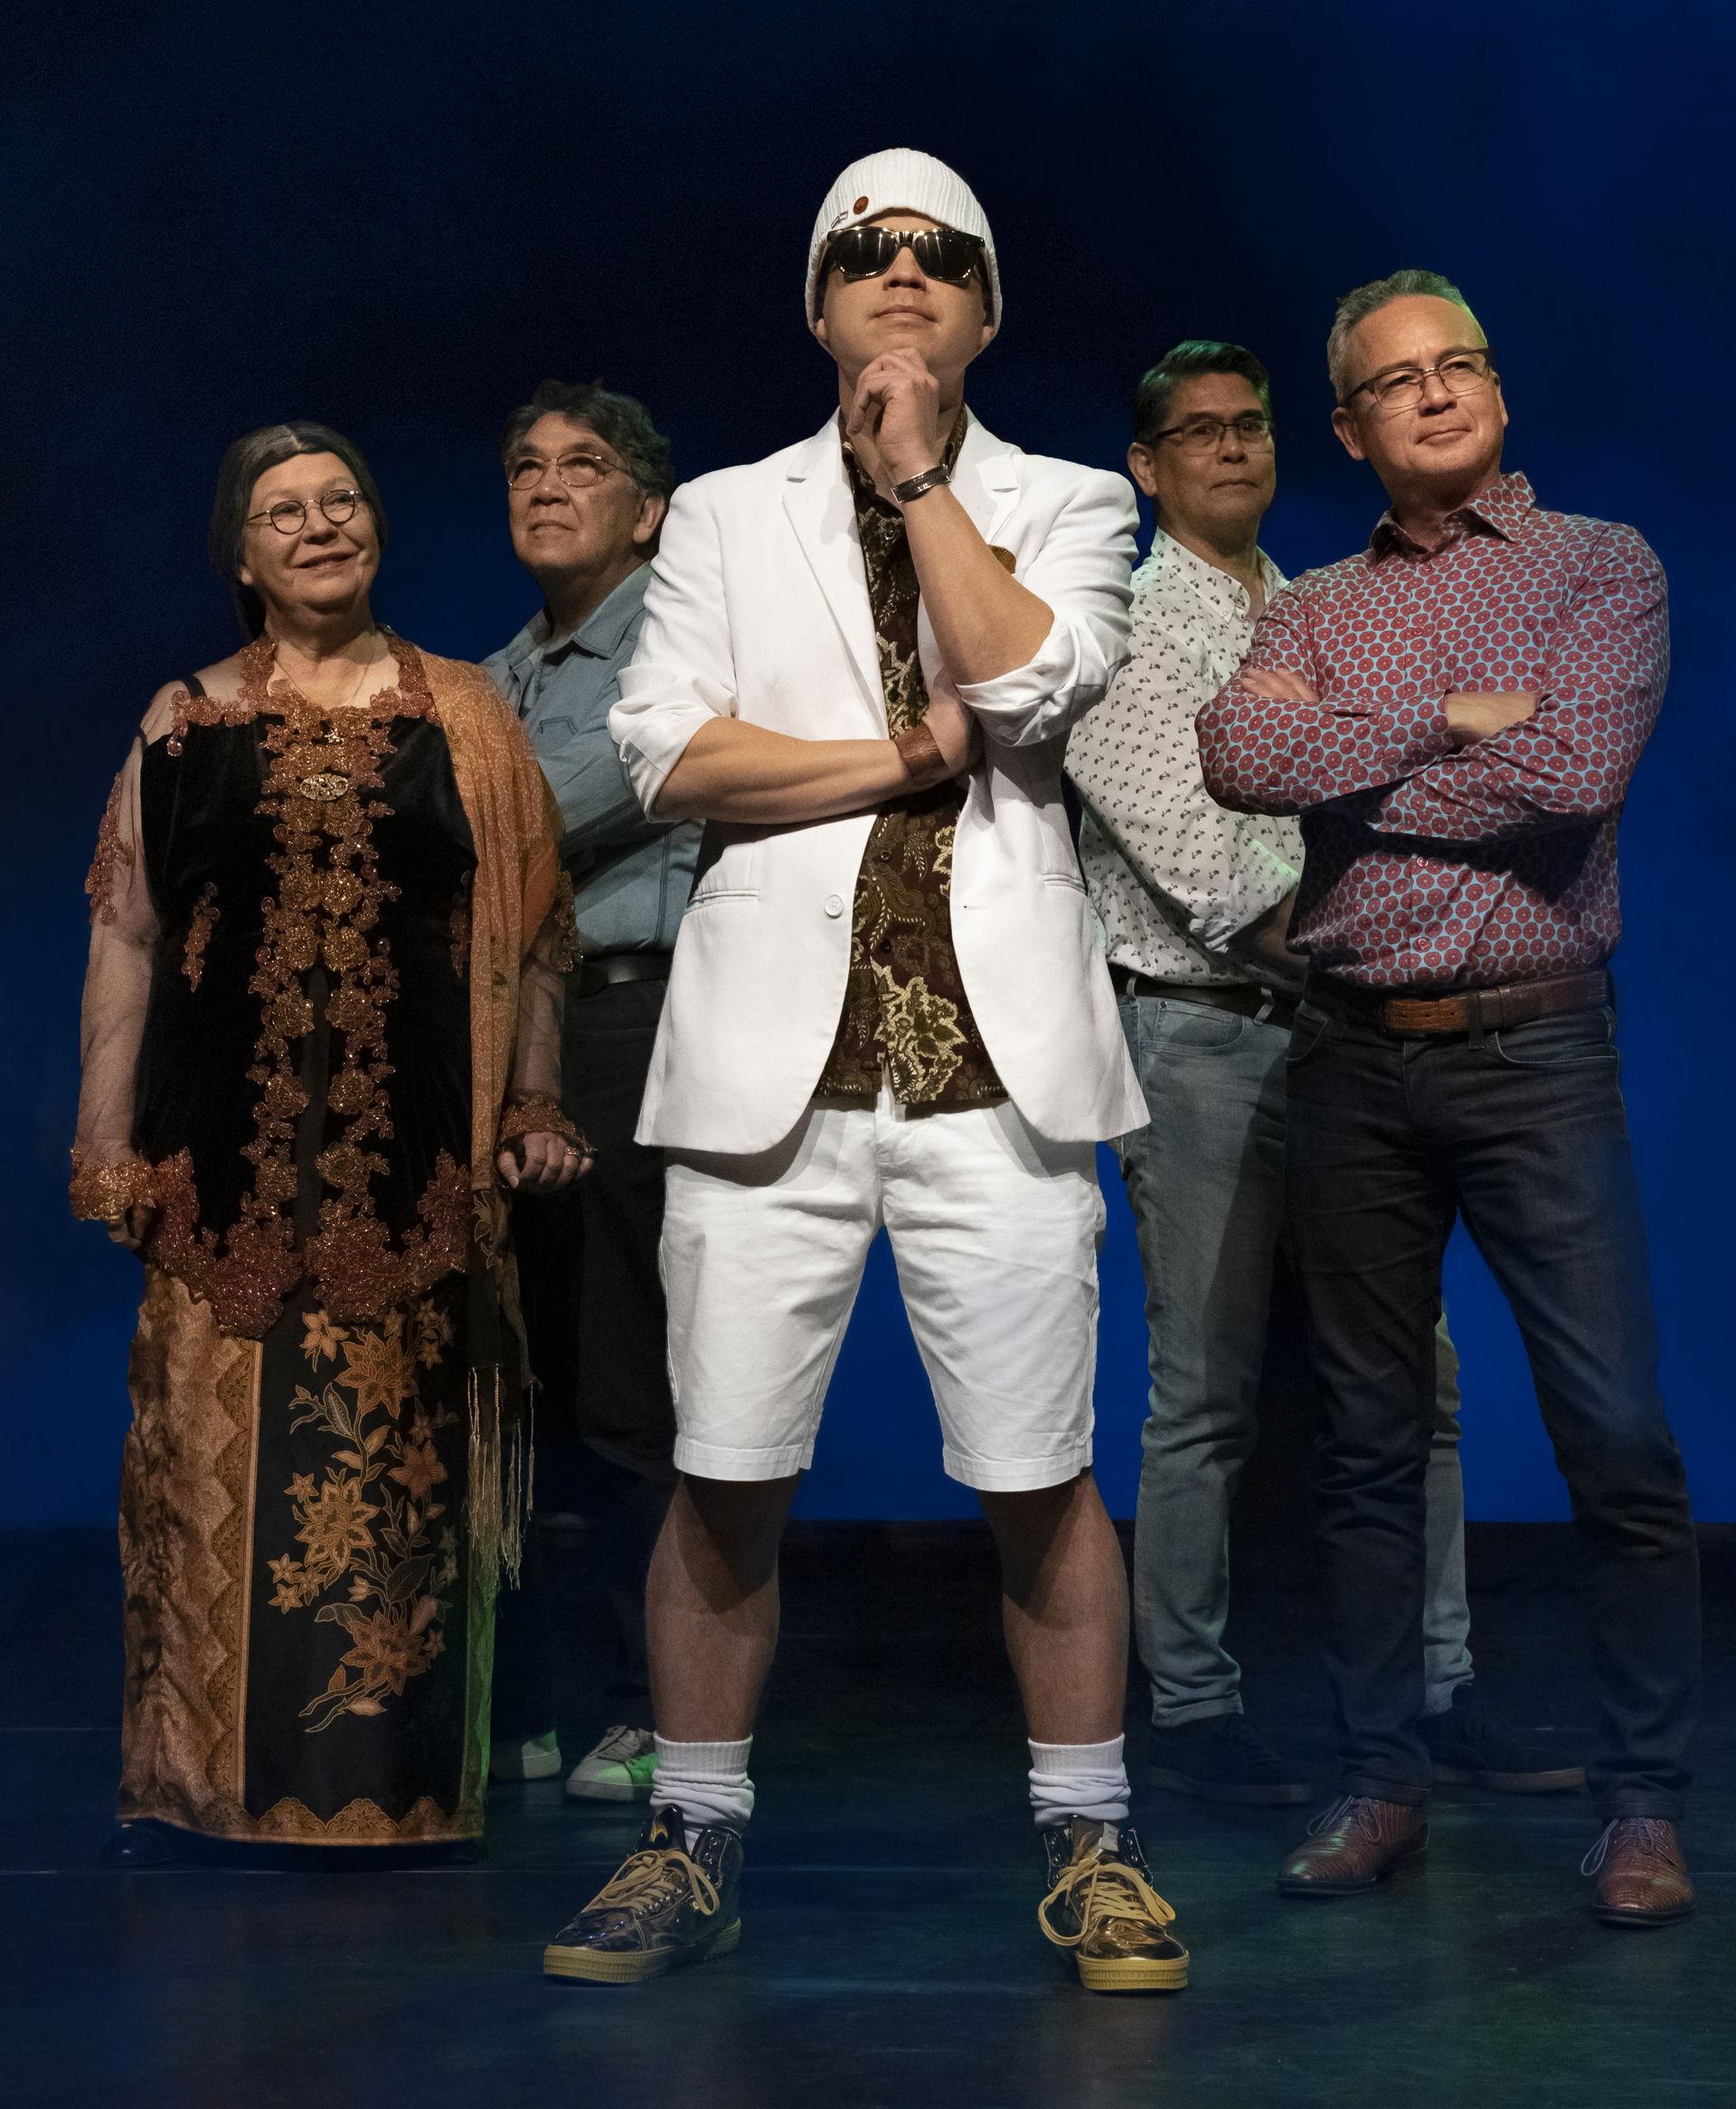 Cabaretier Ricky Risolles laat zijn kijk op Indo-zijn horen door middel van grappen, verhalen en verrassende dialogen met Wieteke van Dort (Tante Lien). Ze worden bijgestaan door een fantastische band met Indische muzikale grootheden.